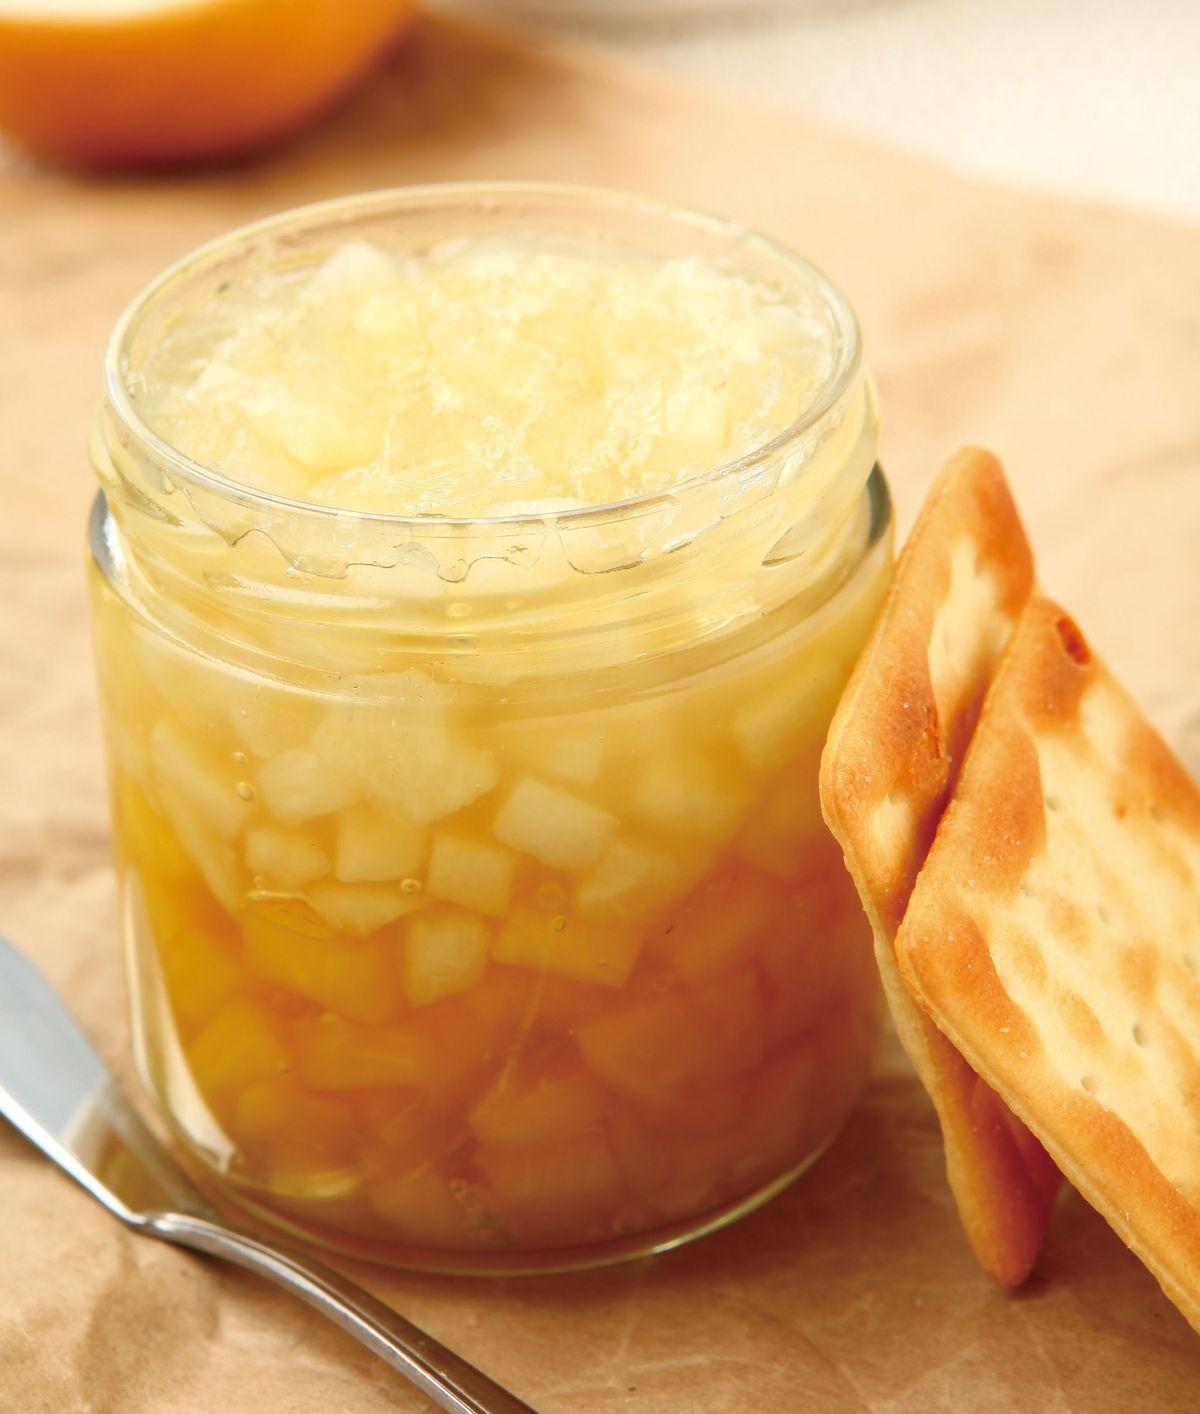 食譜:鳳梨水梨果醬